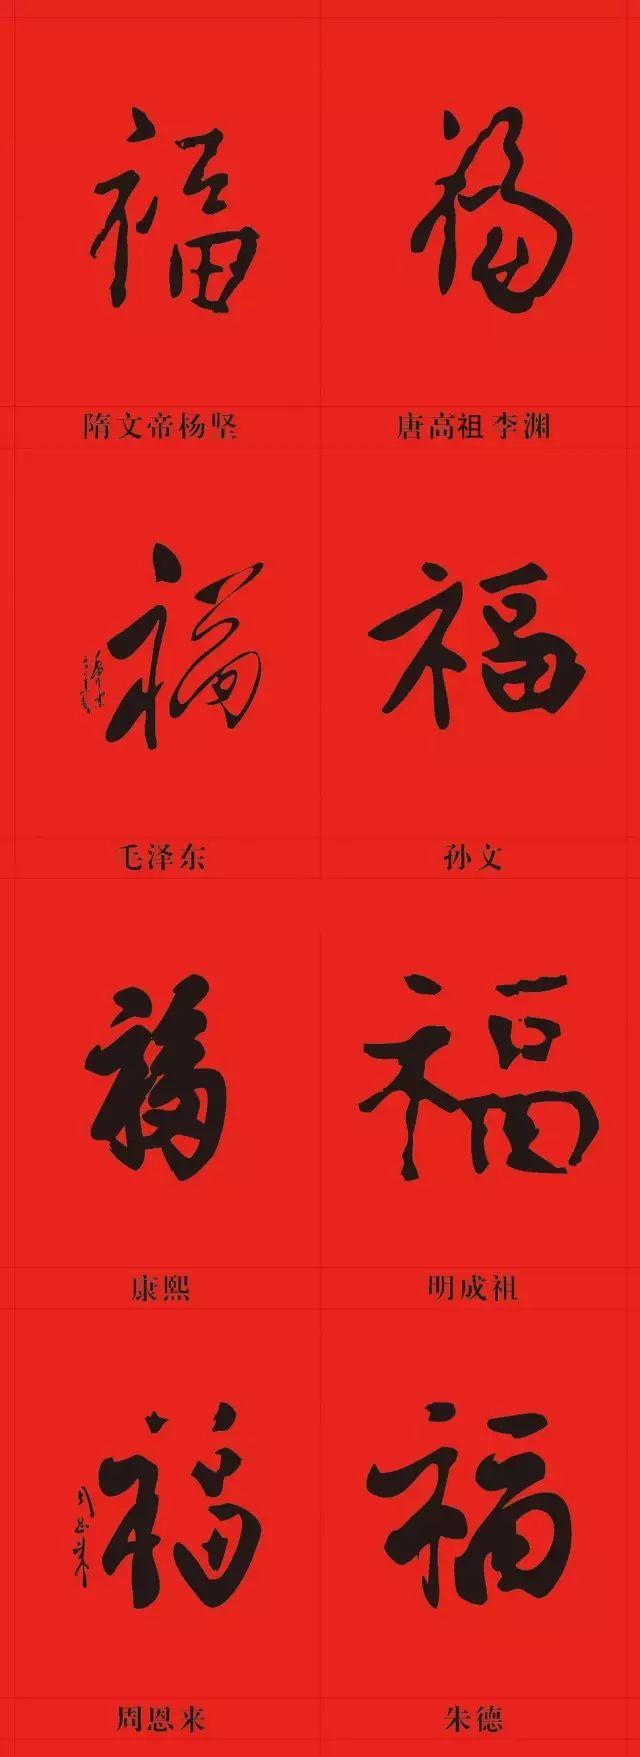 新年祝福-书法福字各种创意大全